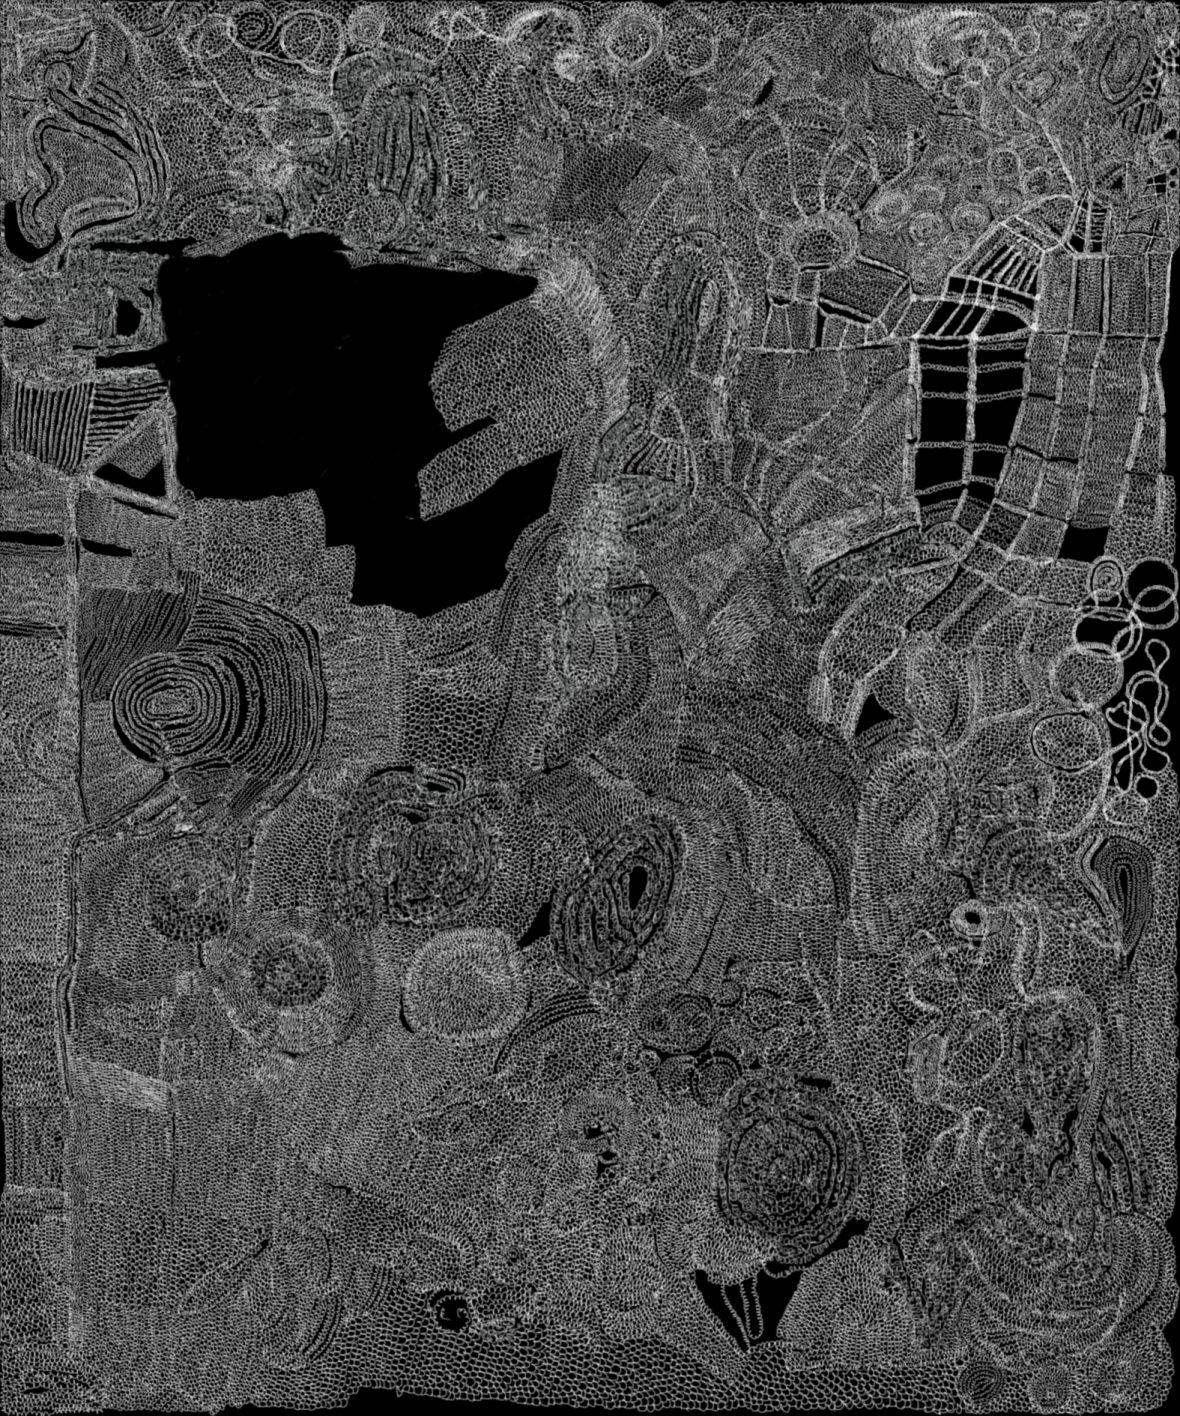 Vem och Vad?, pigmenttryck, 90 x 74 cm, 2013